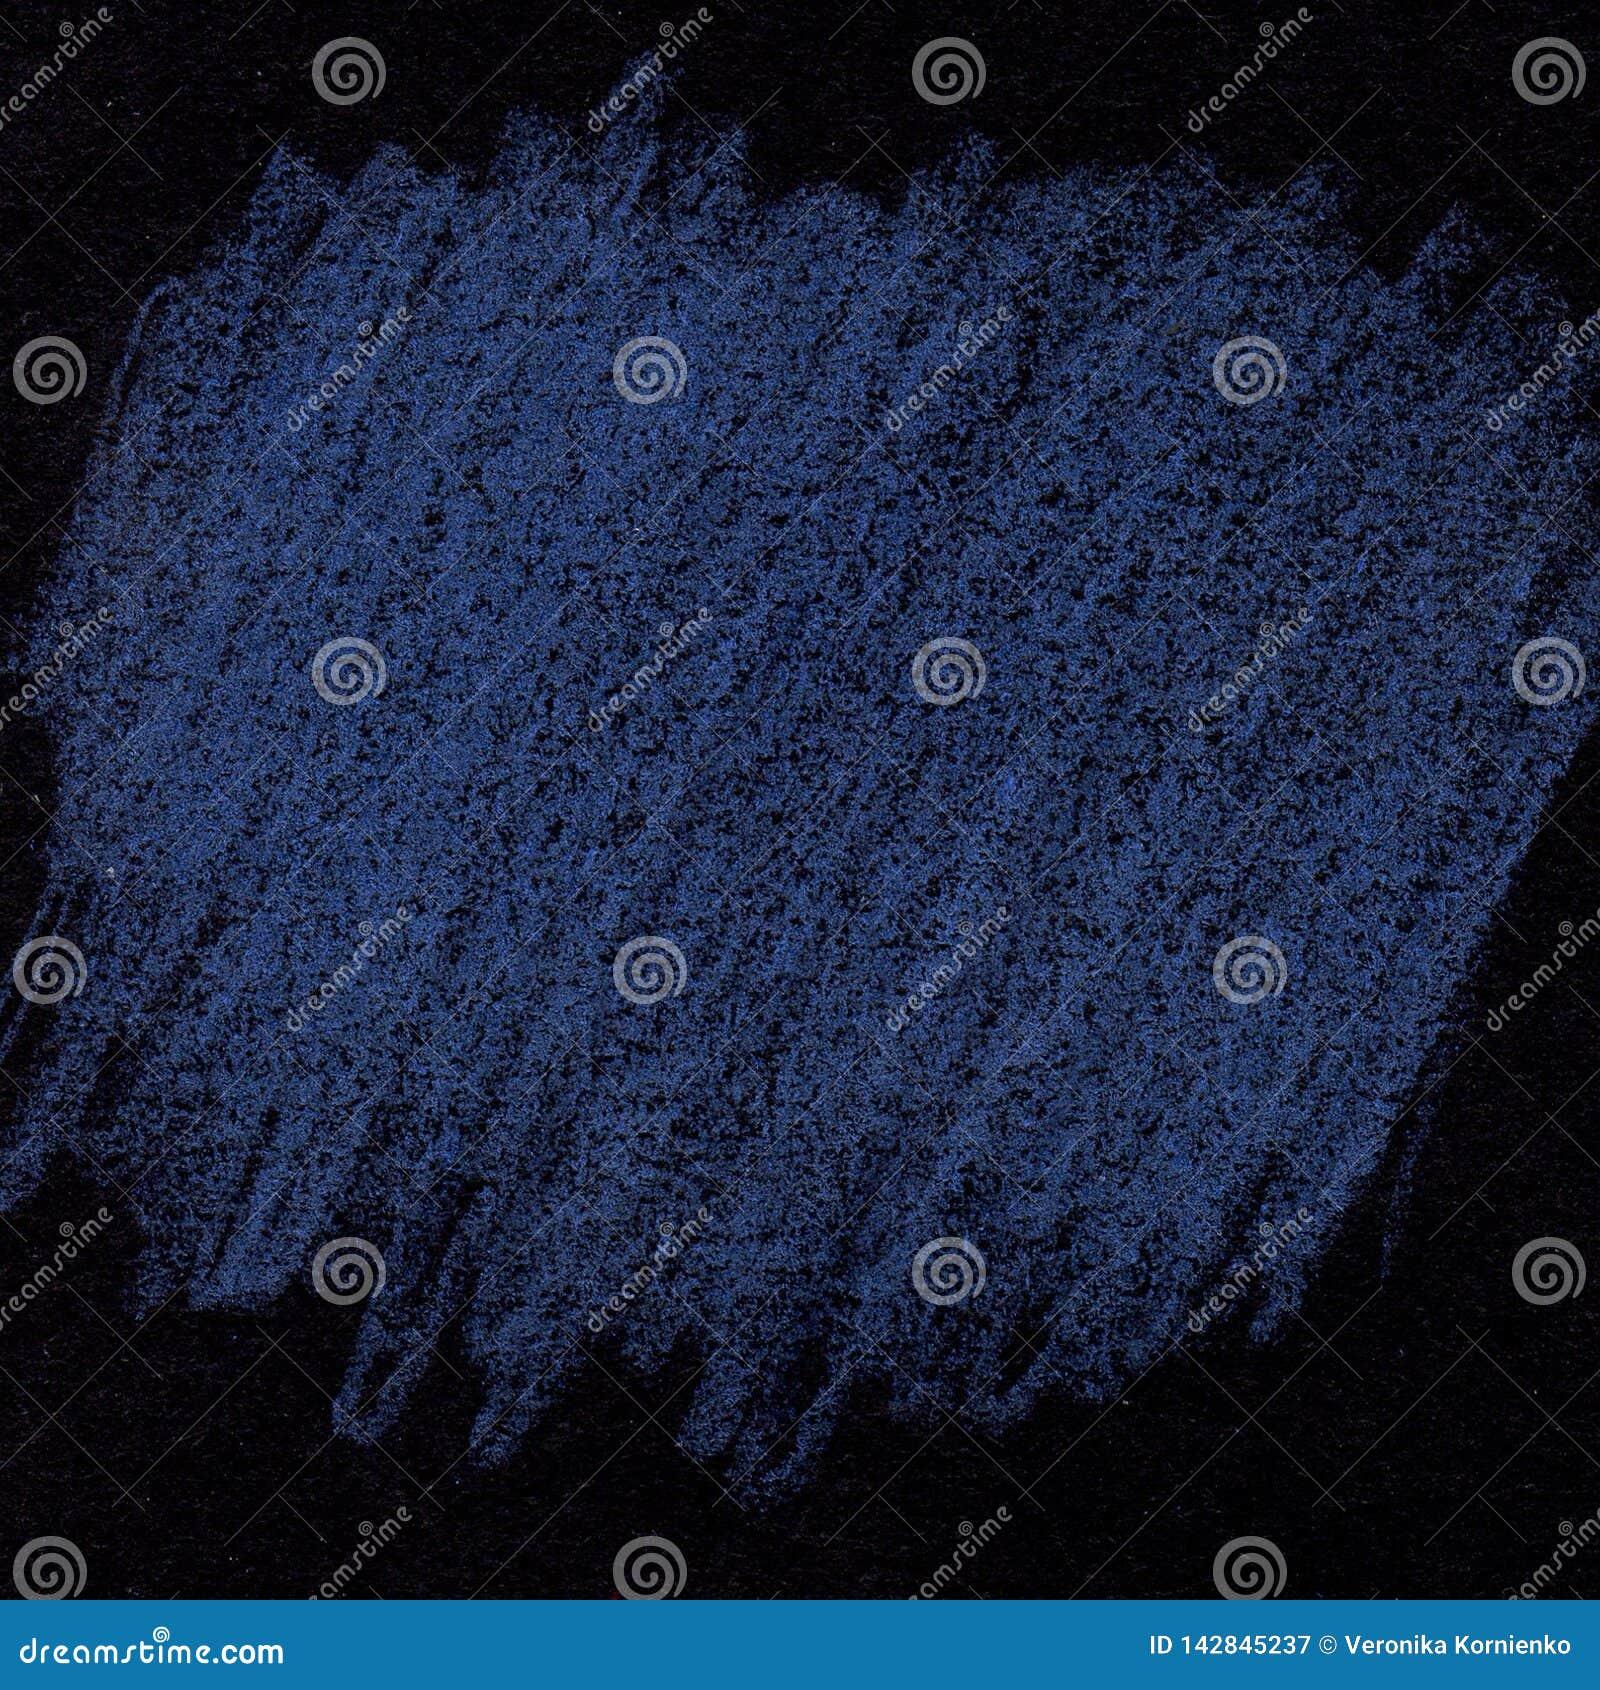 Blaue Kreidebeschaffenheit auf schwarzem Hintergrund